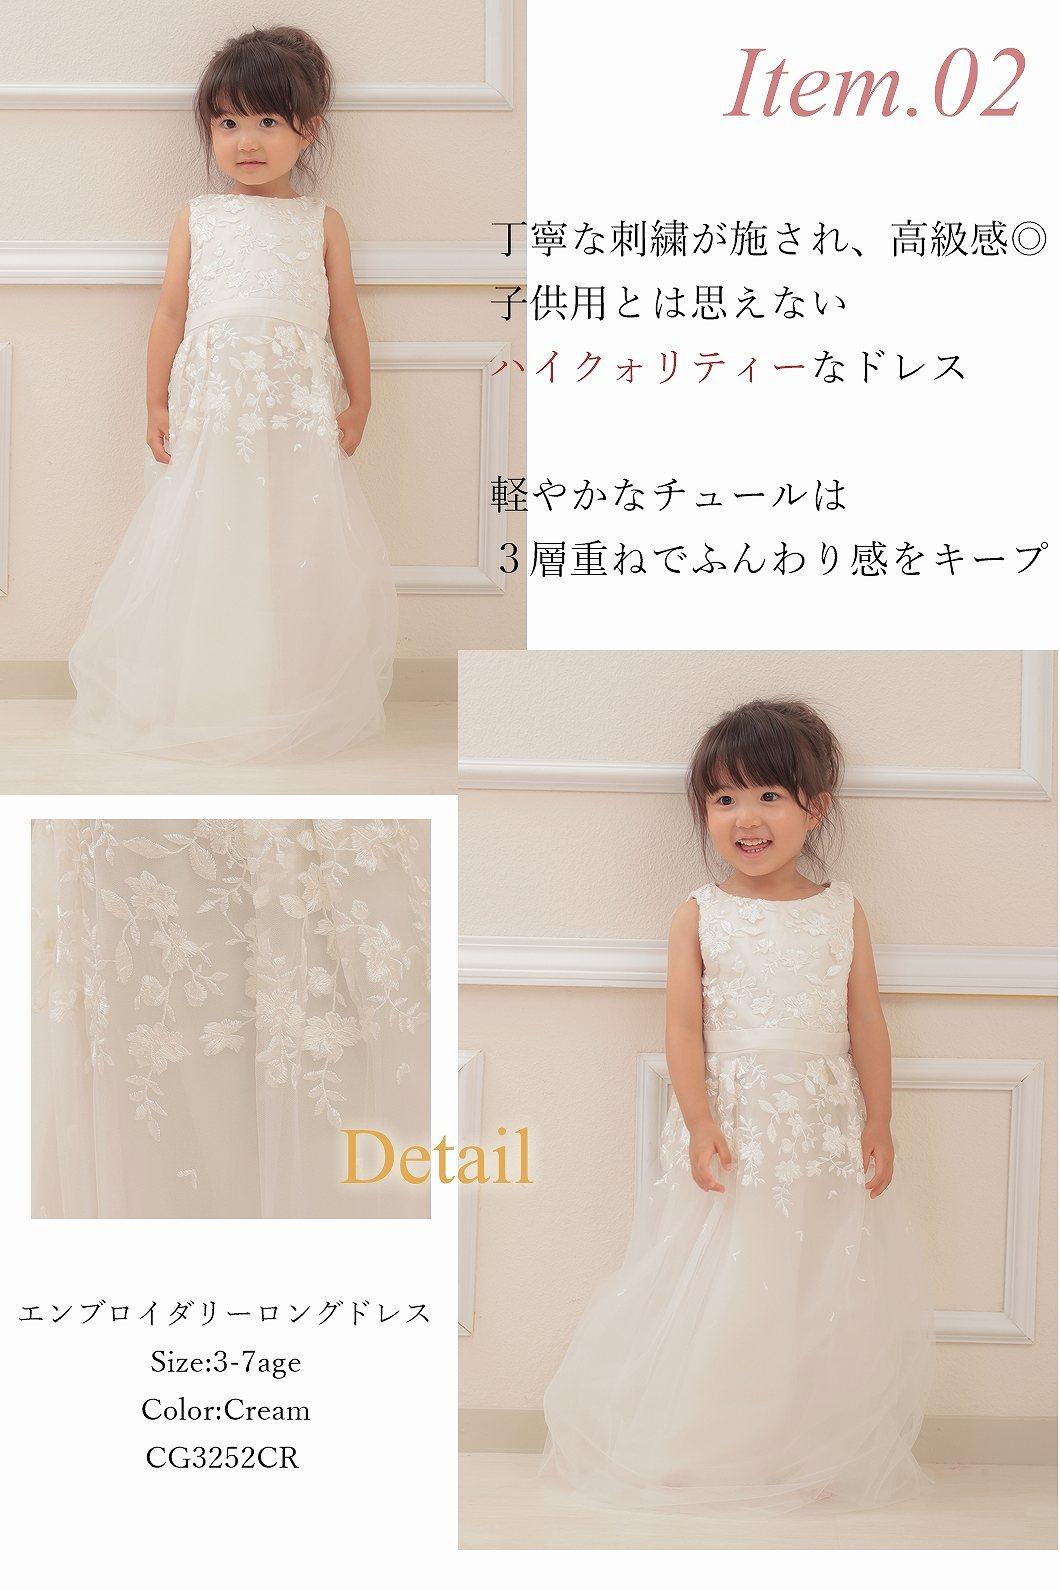 白のロングドレスは刺繍が施され高級感ばっちりお姫様に